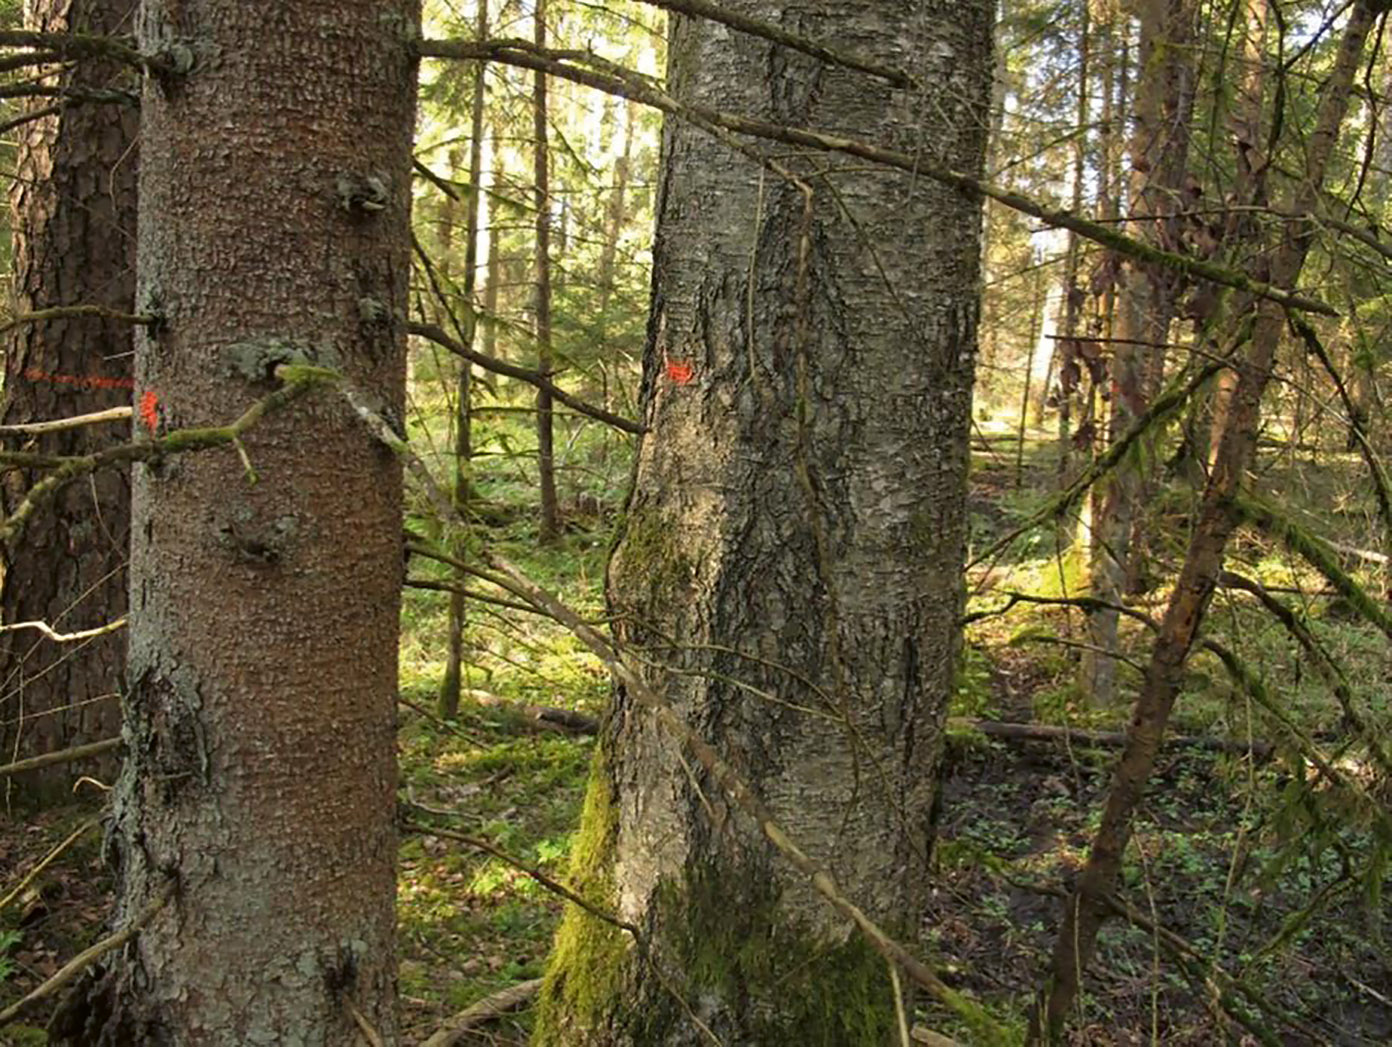 8. attēls. Ligzdas nogabals sagatavots mežizstrādei, ligzdas koks (bērzs) nav izzīmēts kā atstājams. Ligzda ir labi redzama. 04.05.2018. | Foto: Jānis Ķuze